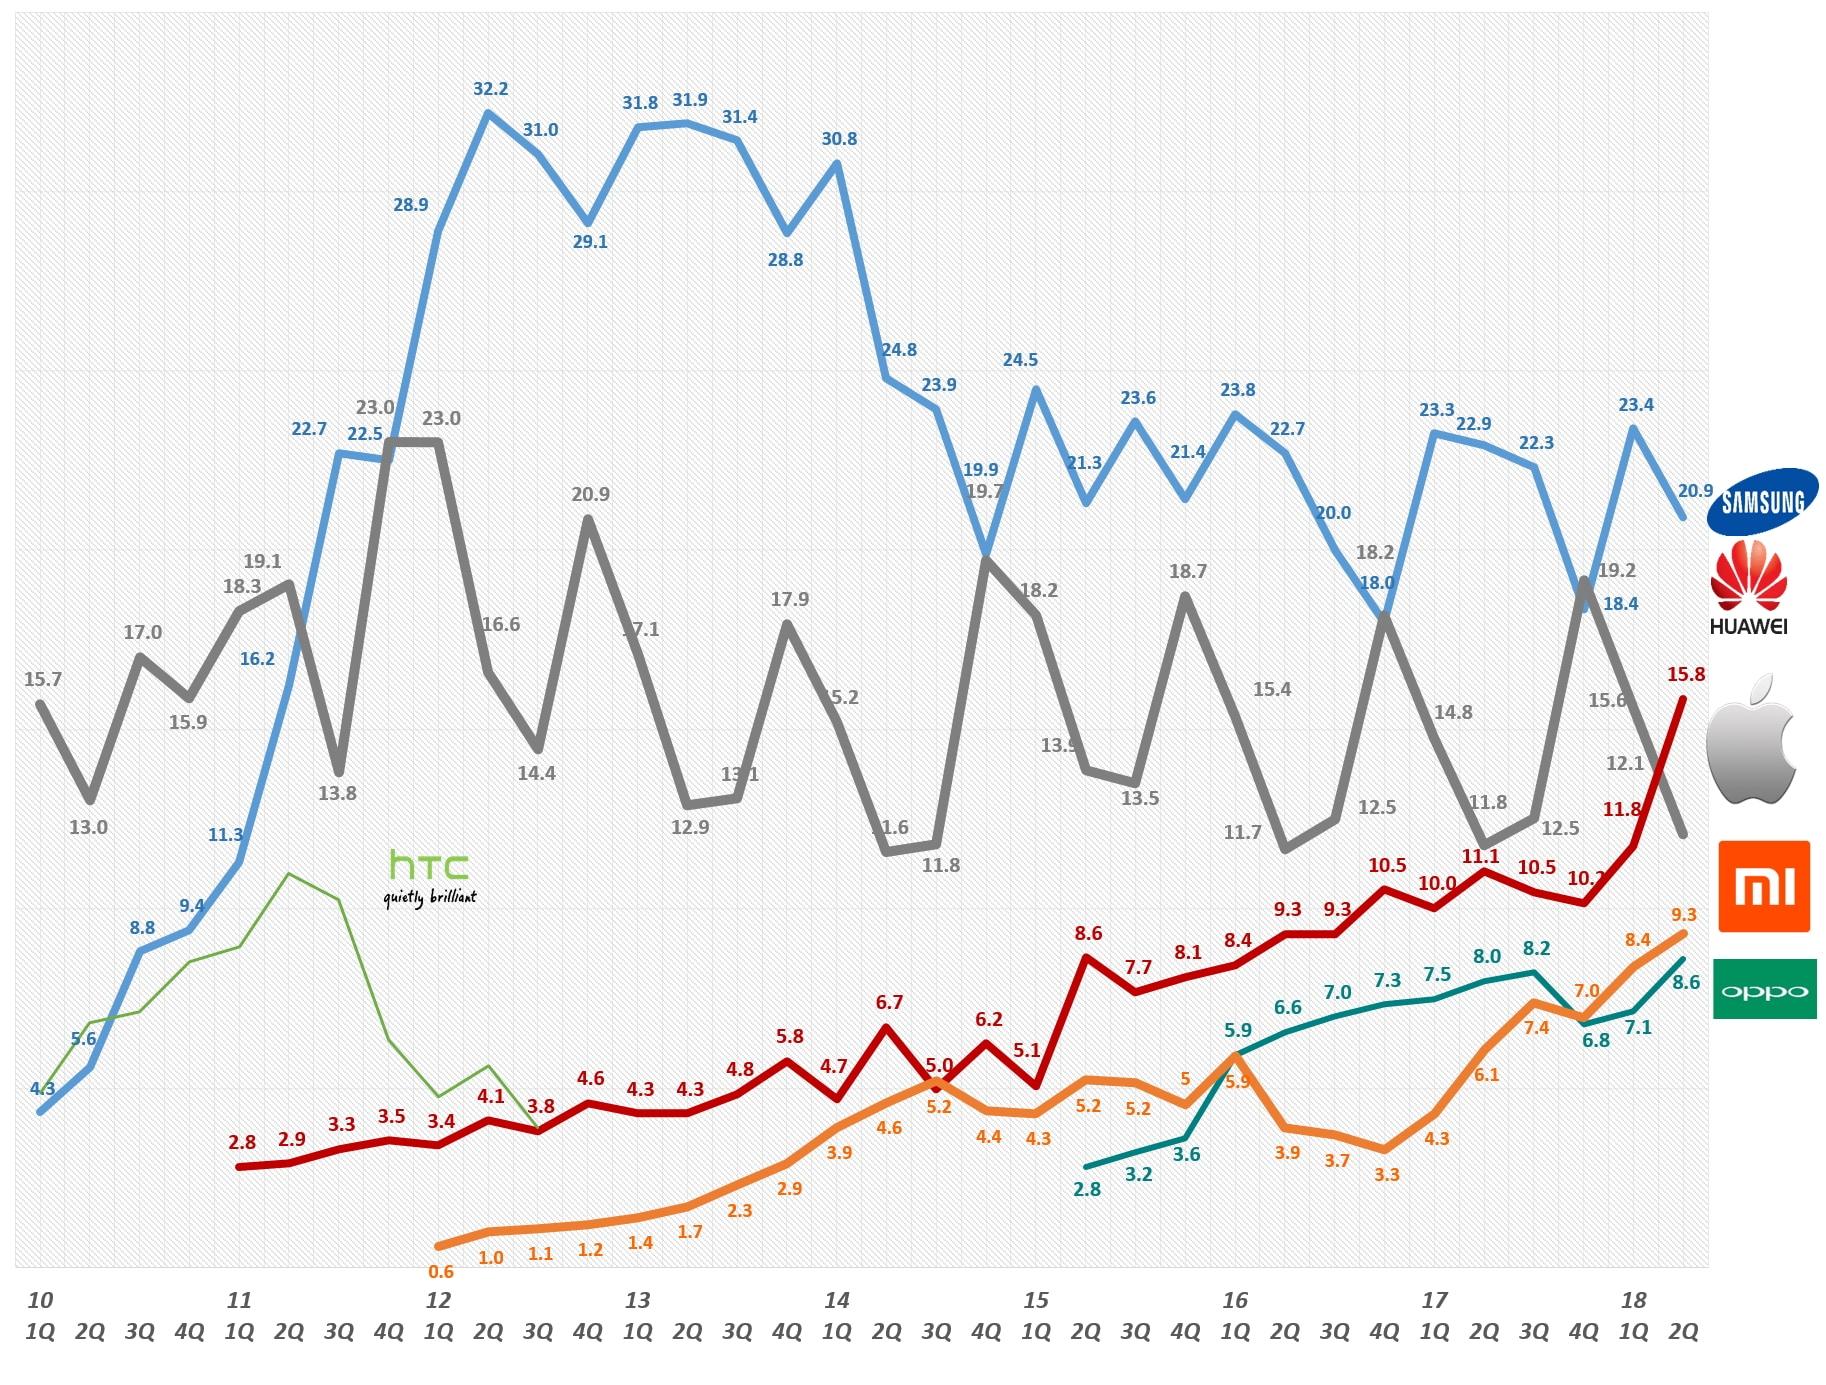 2018년 2분기까지 스마트폰 시장점유율 추이 by IDC